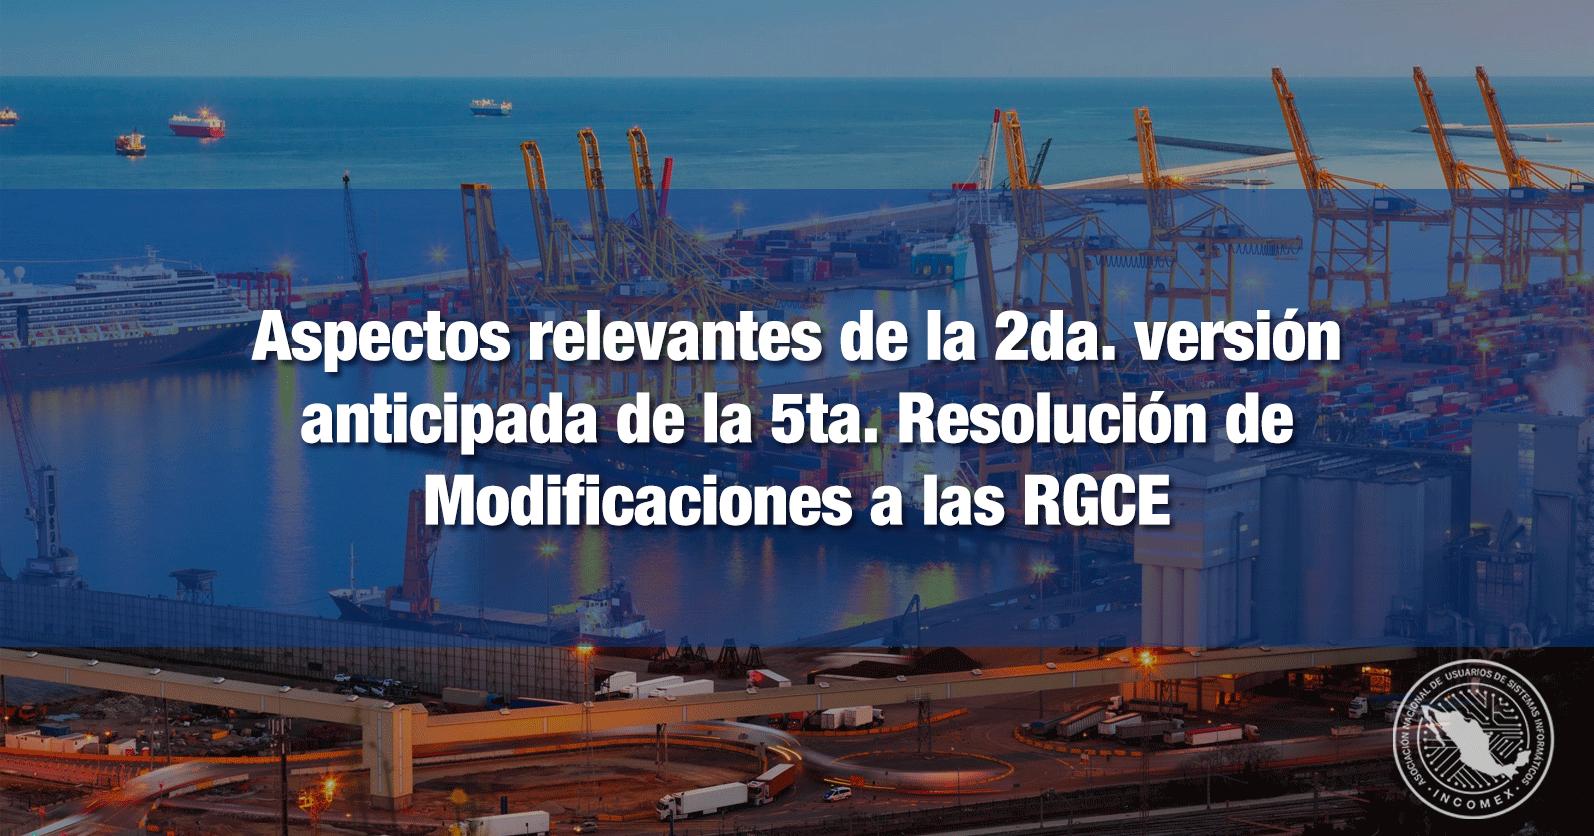 Aspectos relevantes de la 2da. versión anticipada de la 5ta. Resolución de Modificaciones a las RGCE